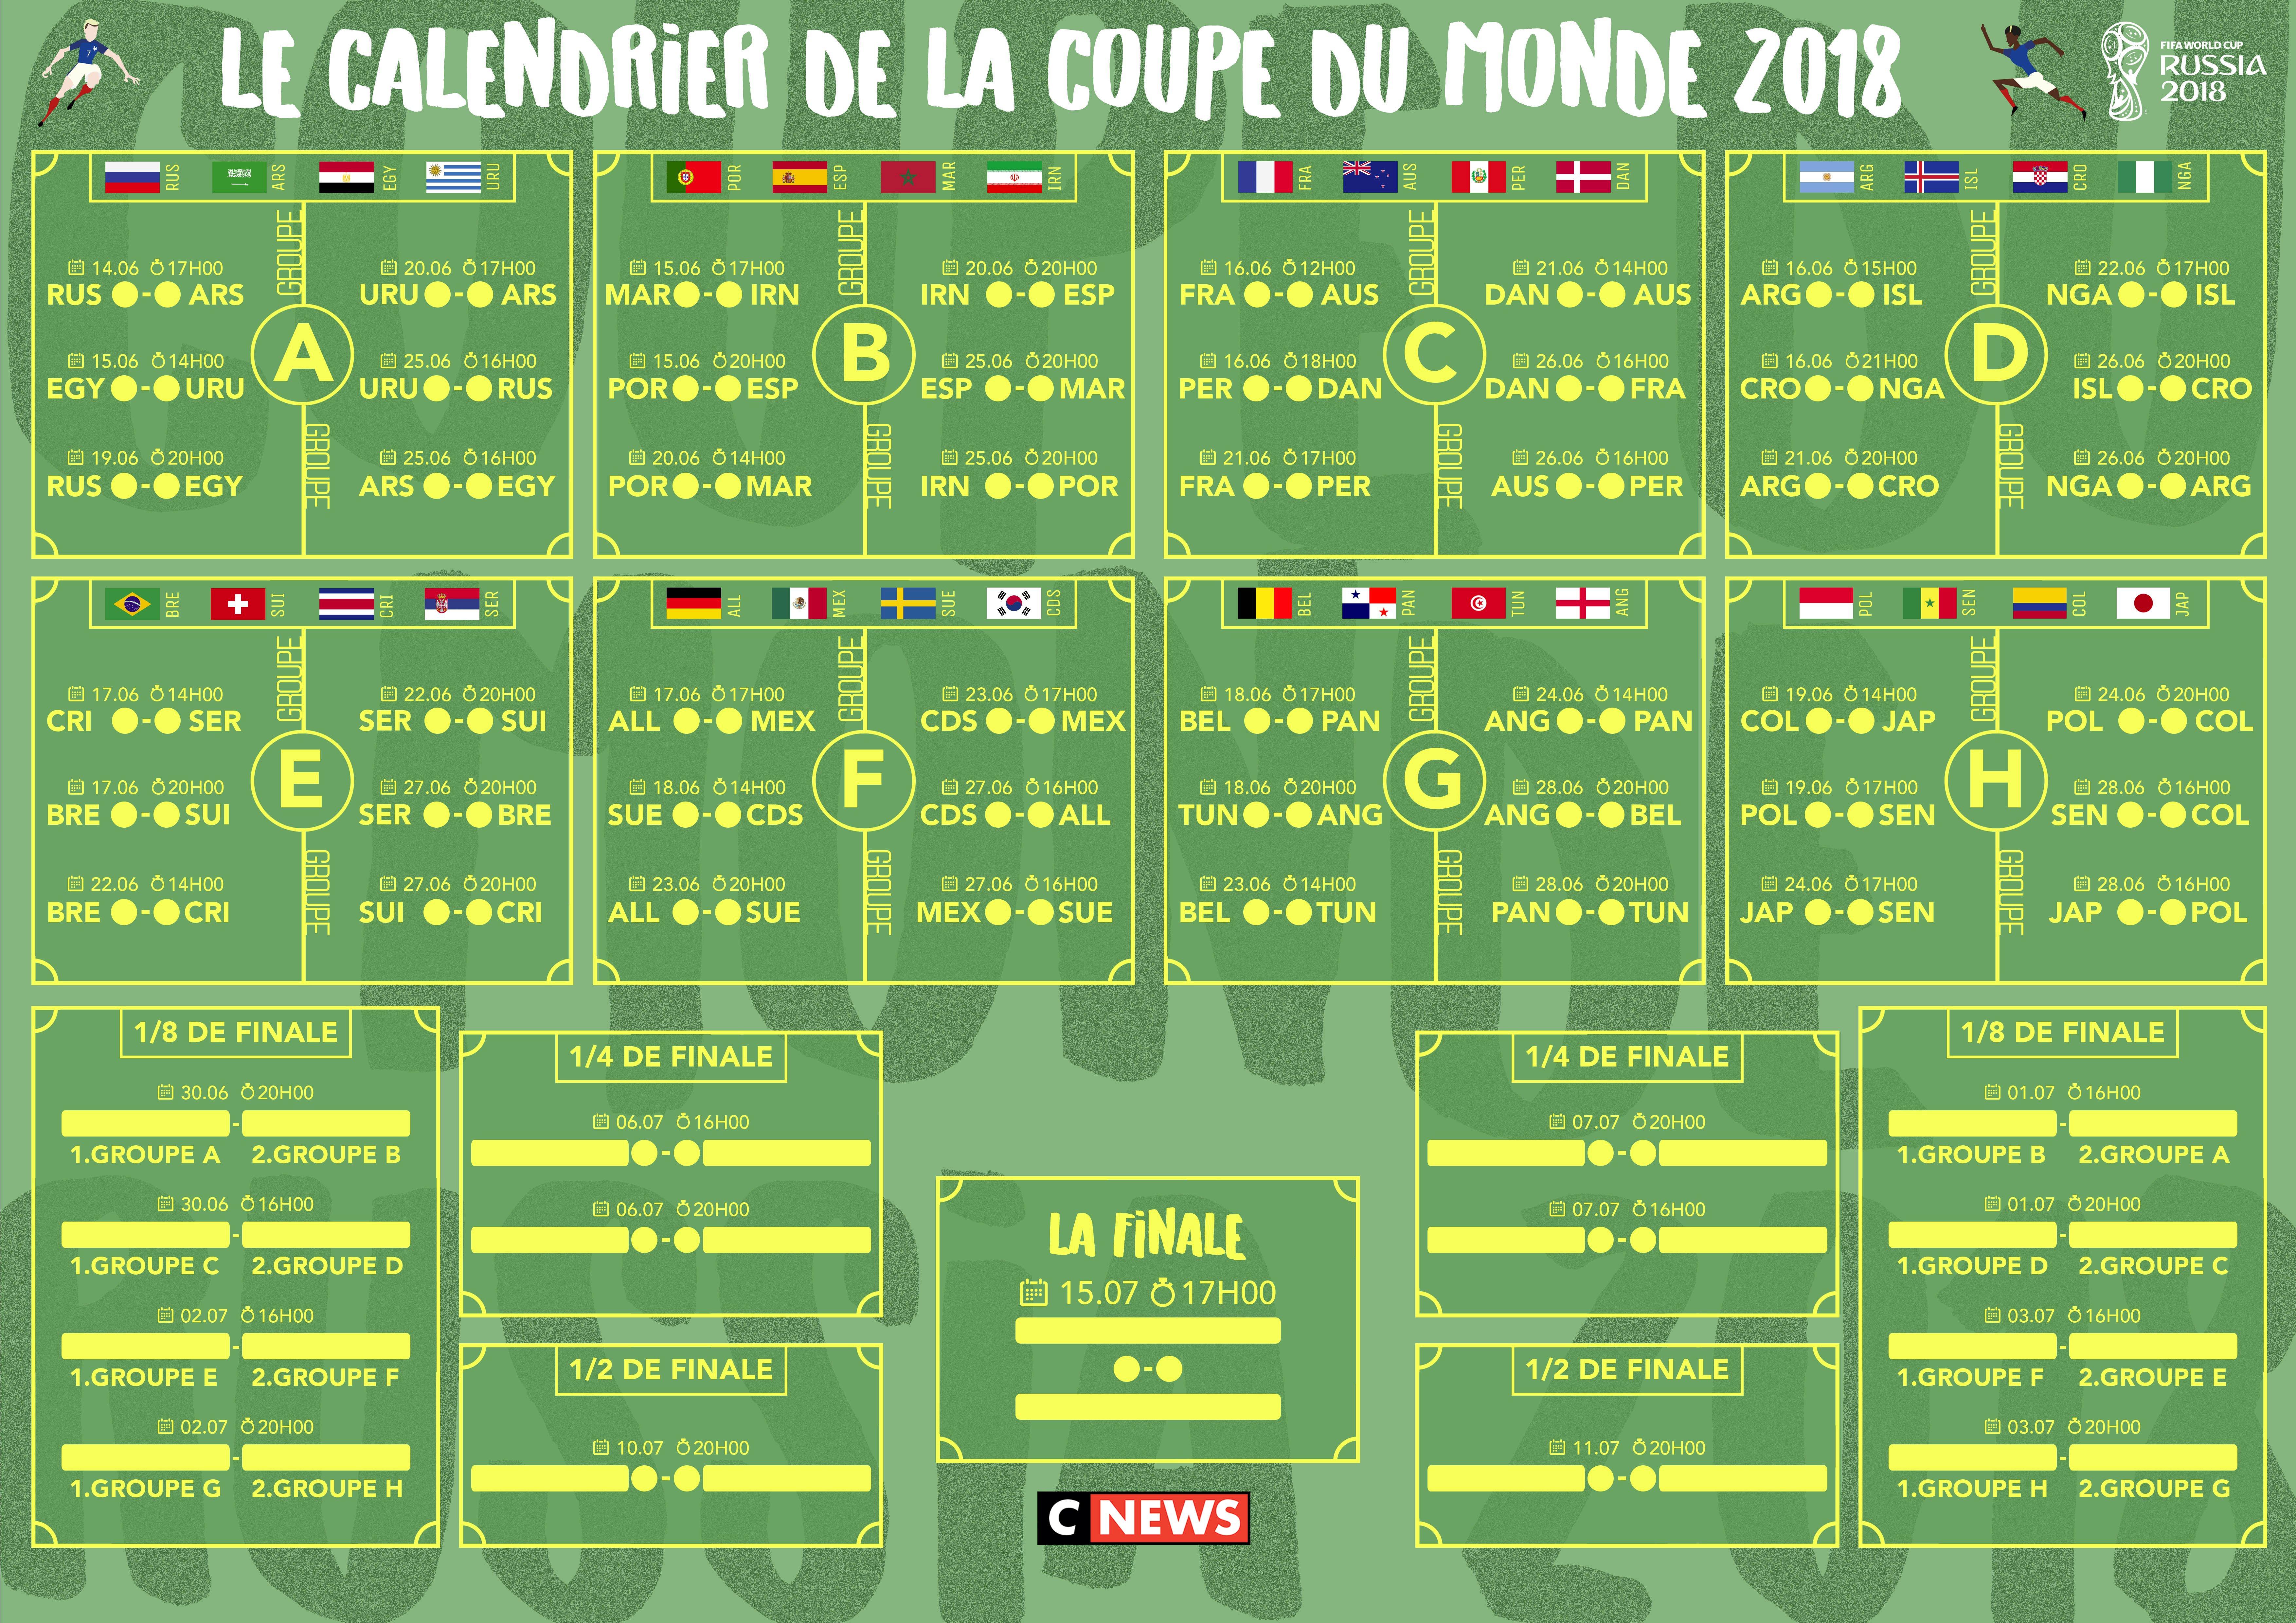 calendrier-matchs-coupe-du-monde-2018